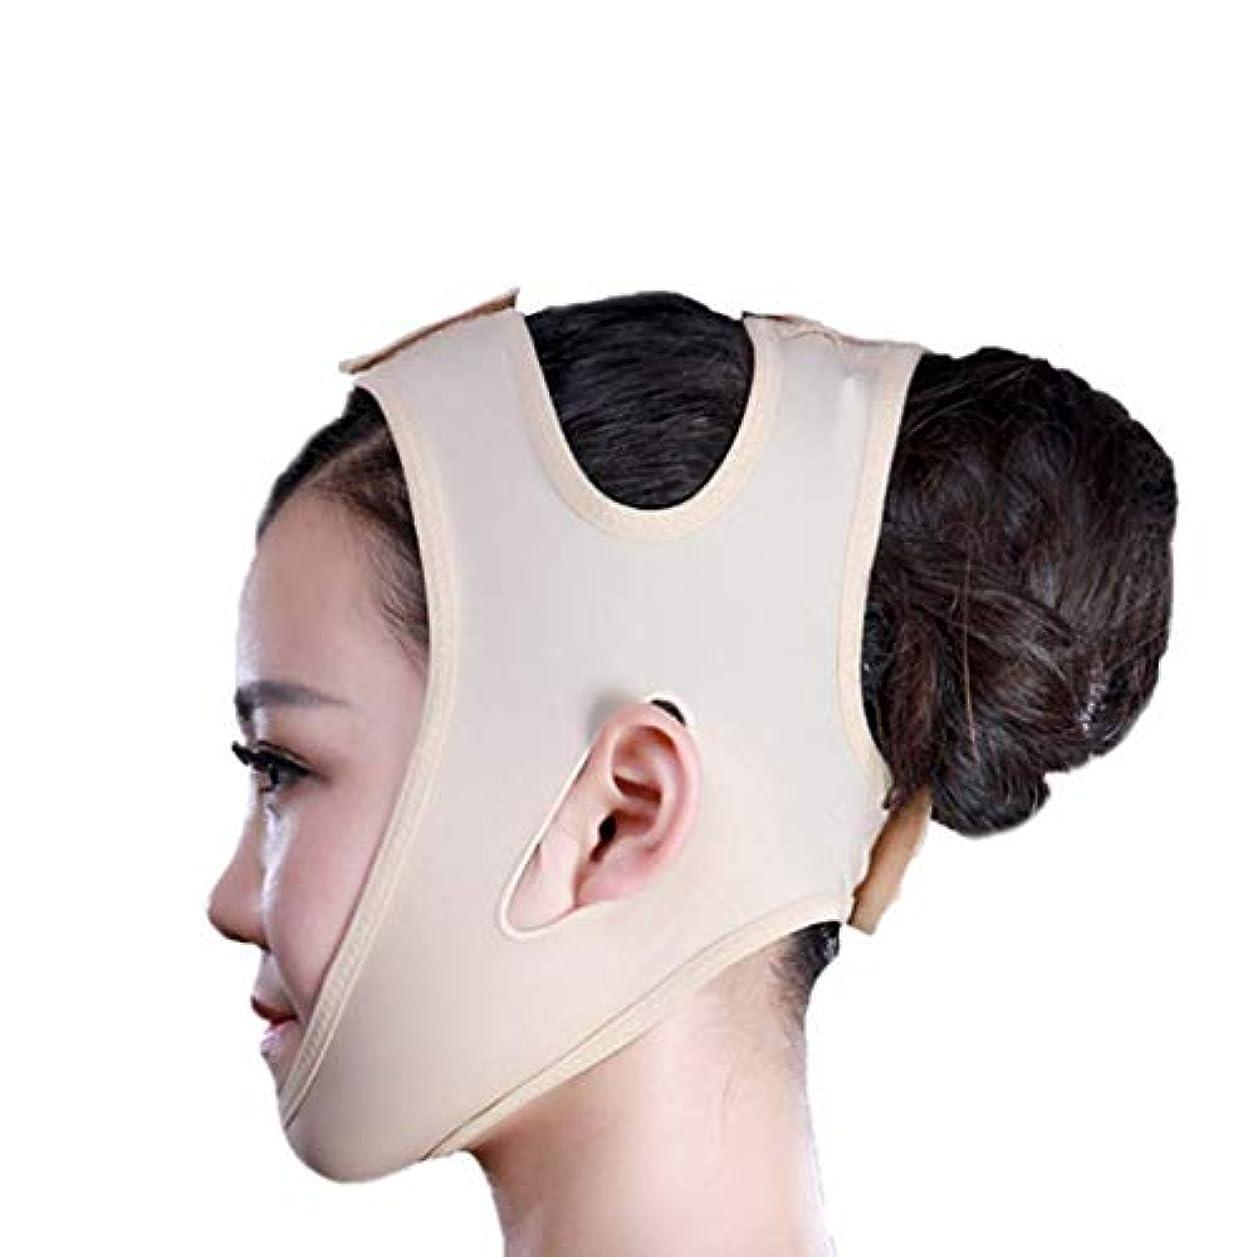 サンダルグレー喉頭フェイススリミングマスク、快適さと通気性、フェイシャルリフティング、輪郭の改善された硬さ、ファーミングとリフティングフェイス(カラー:ブラック、サイズ:XL),黄色がかったピンク、M